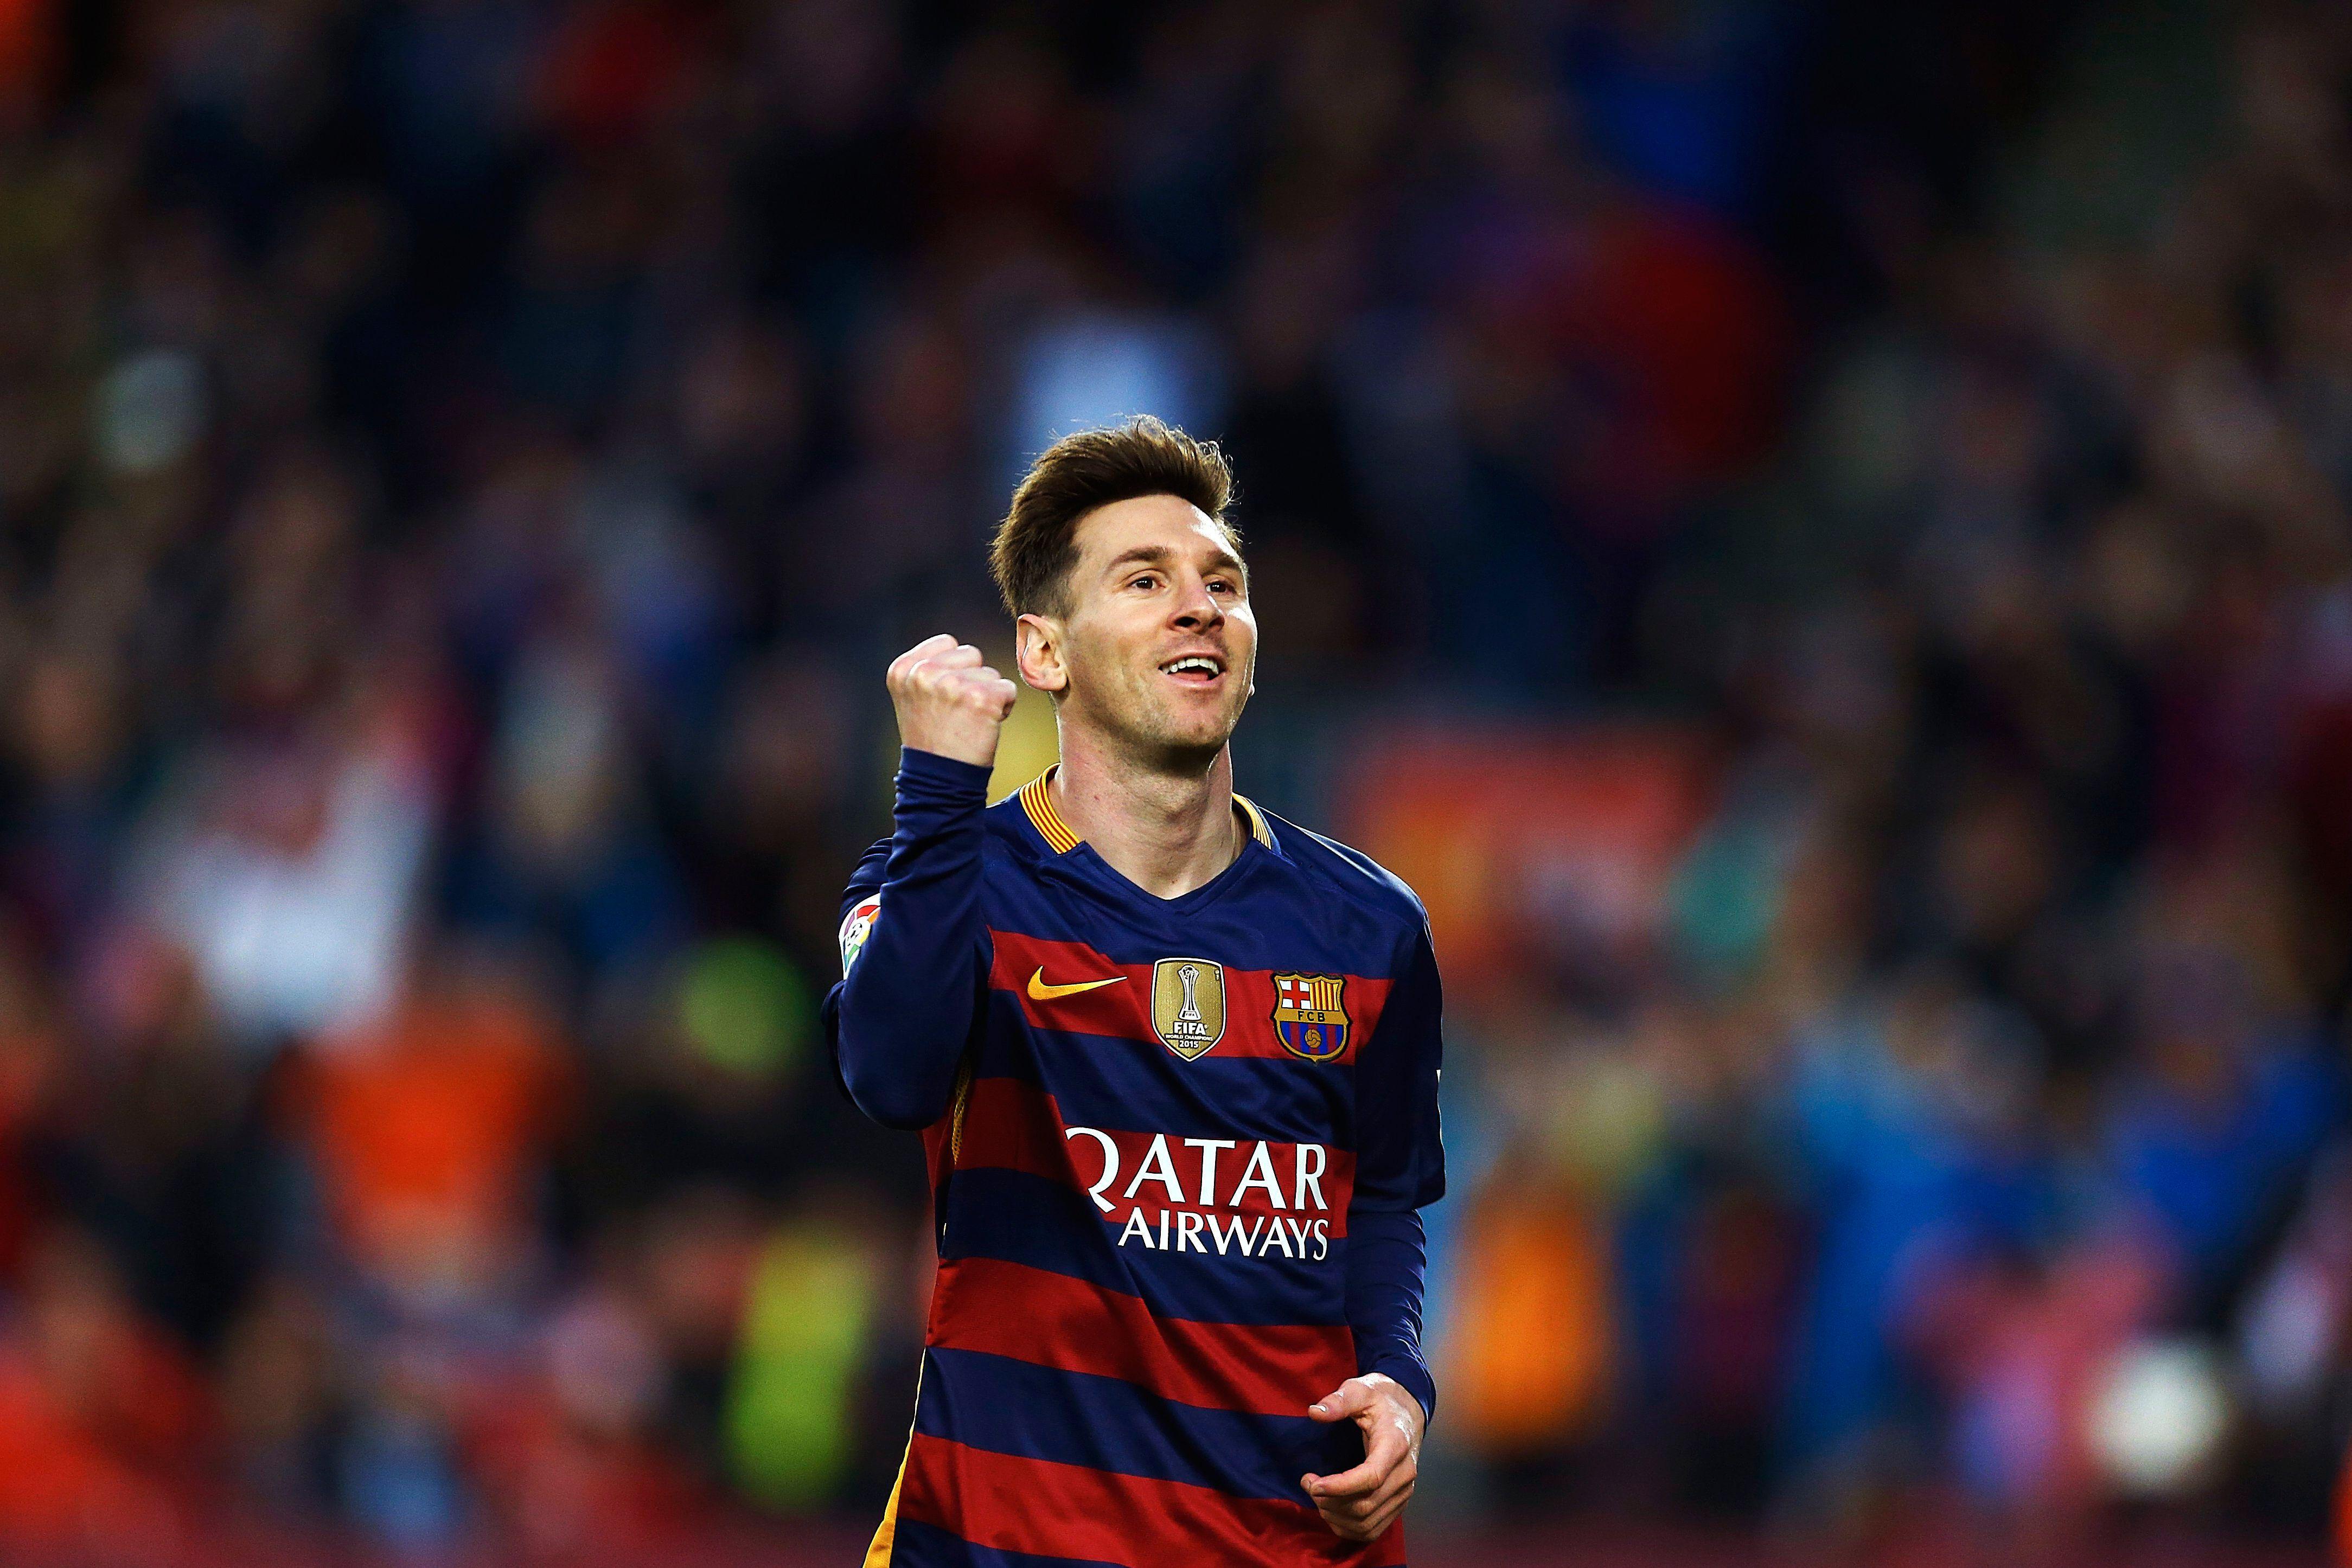 Lionel Messi volvió a hablar sobre cómo sufrió cuando tenía 11 años